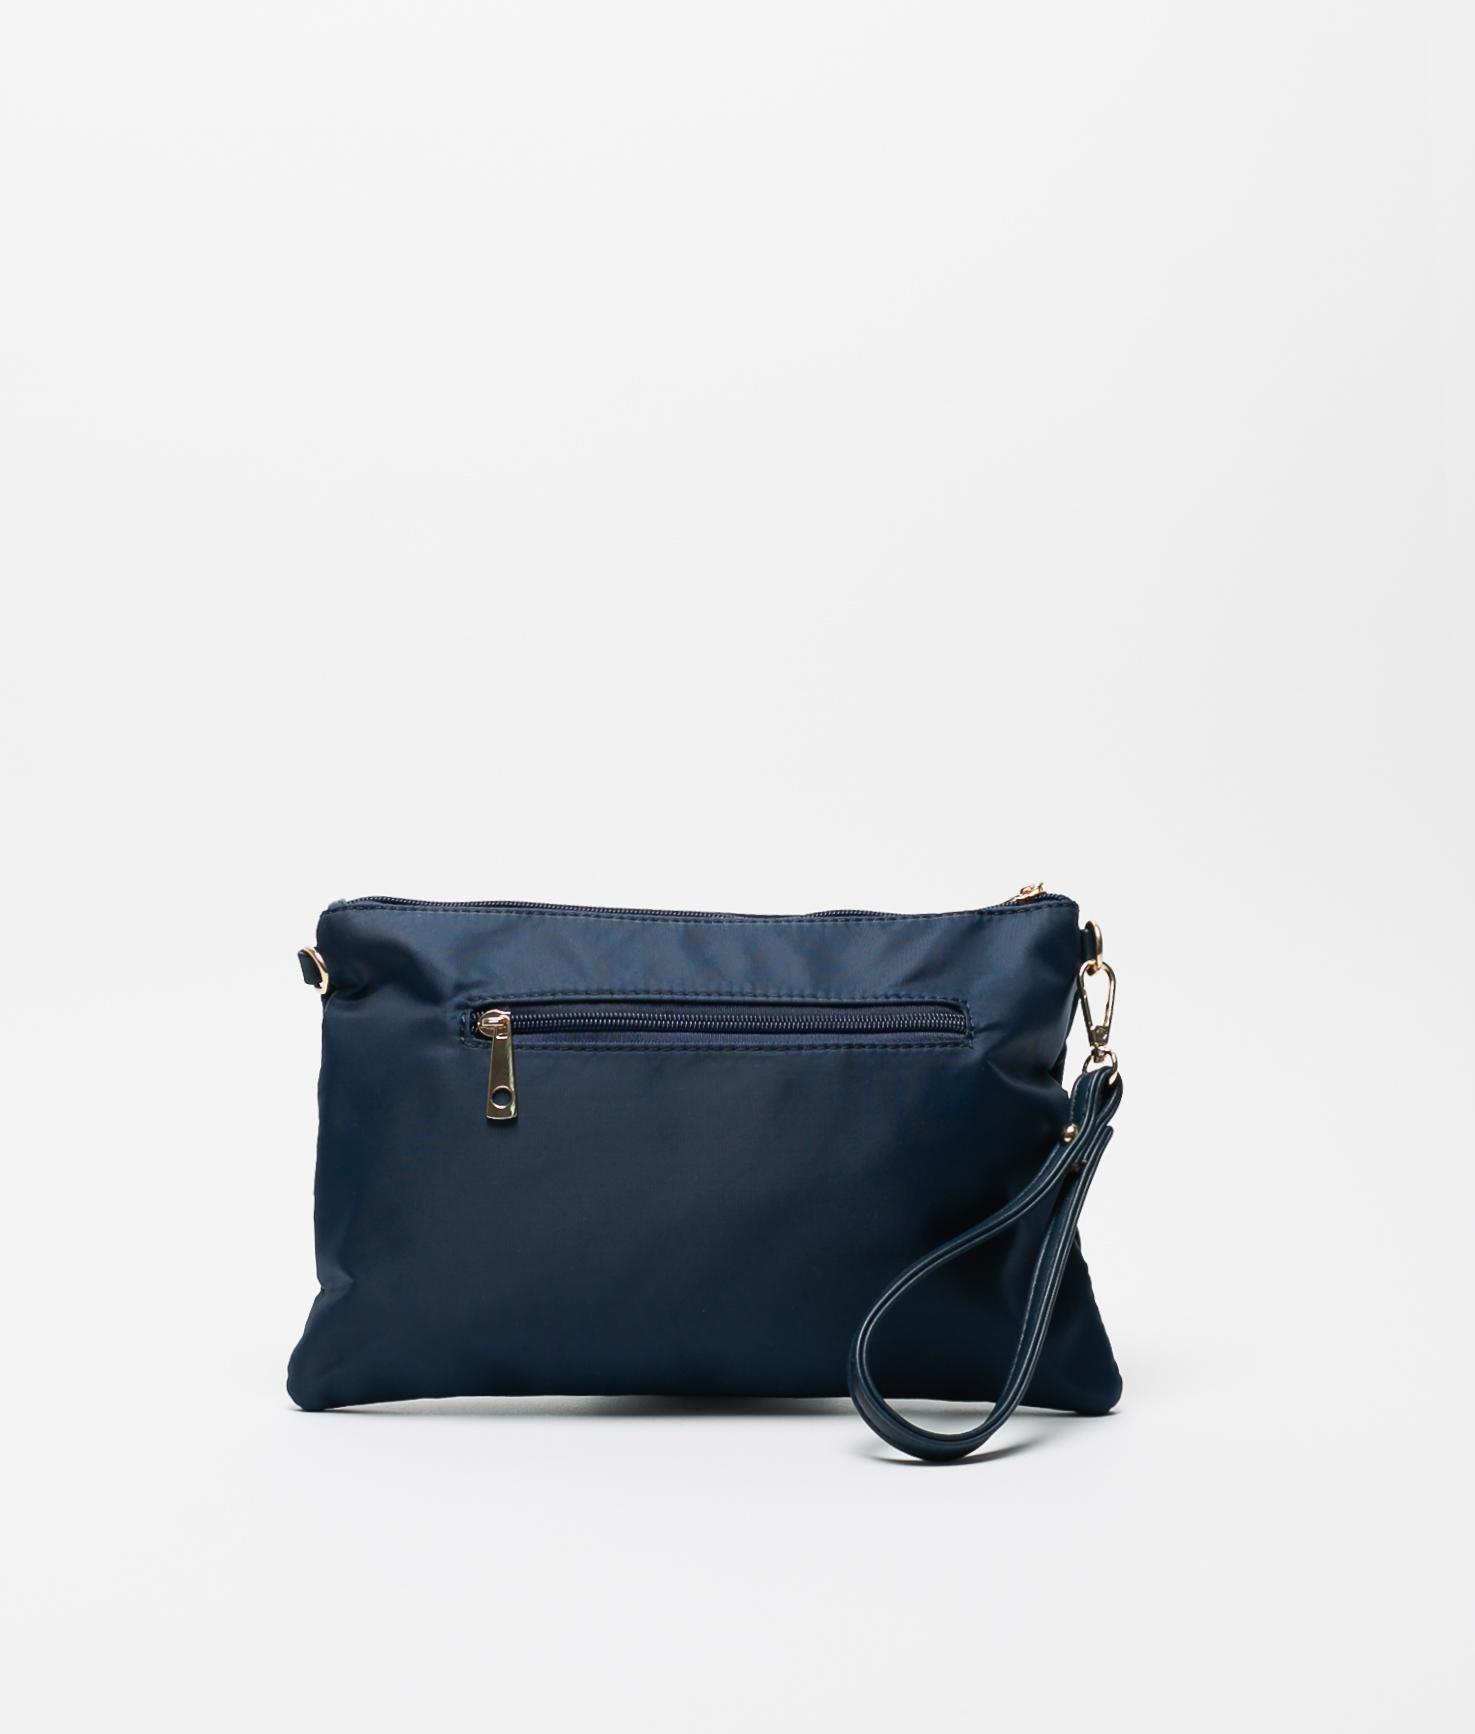 Puket Shoulder Bag - NAVY BLUE